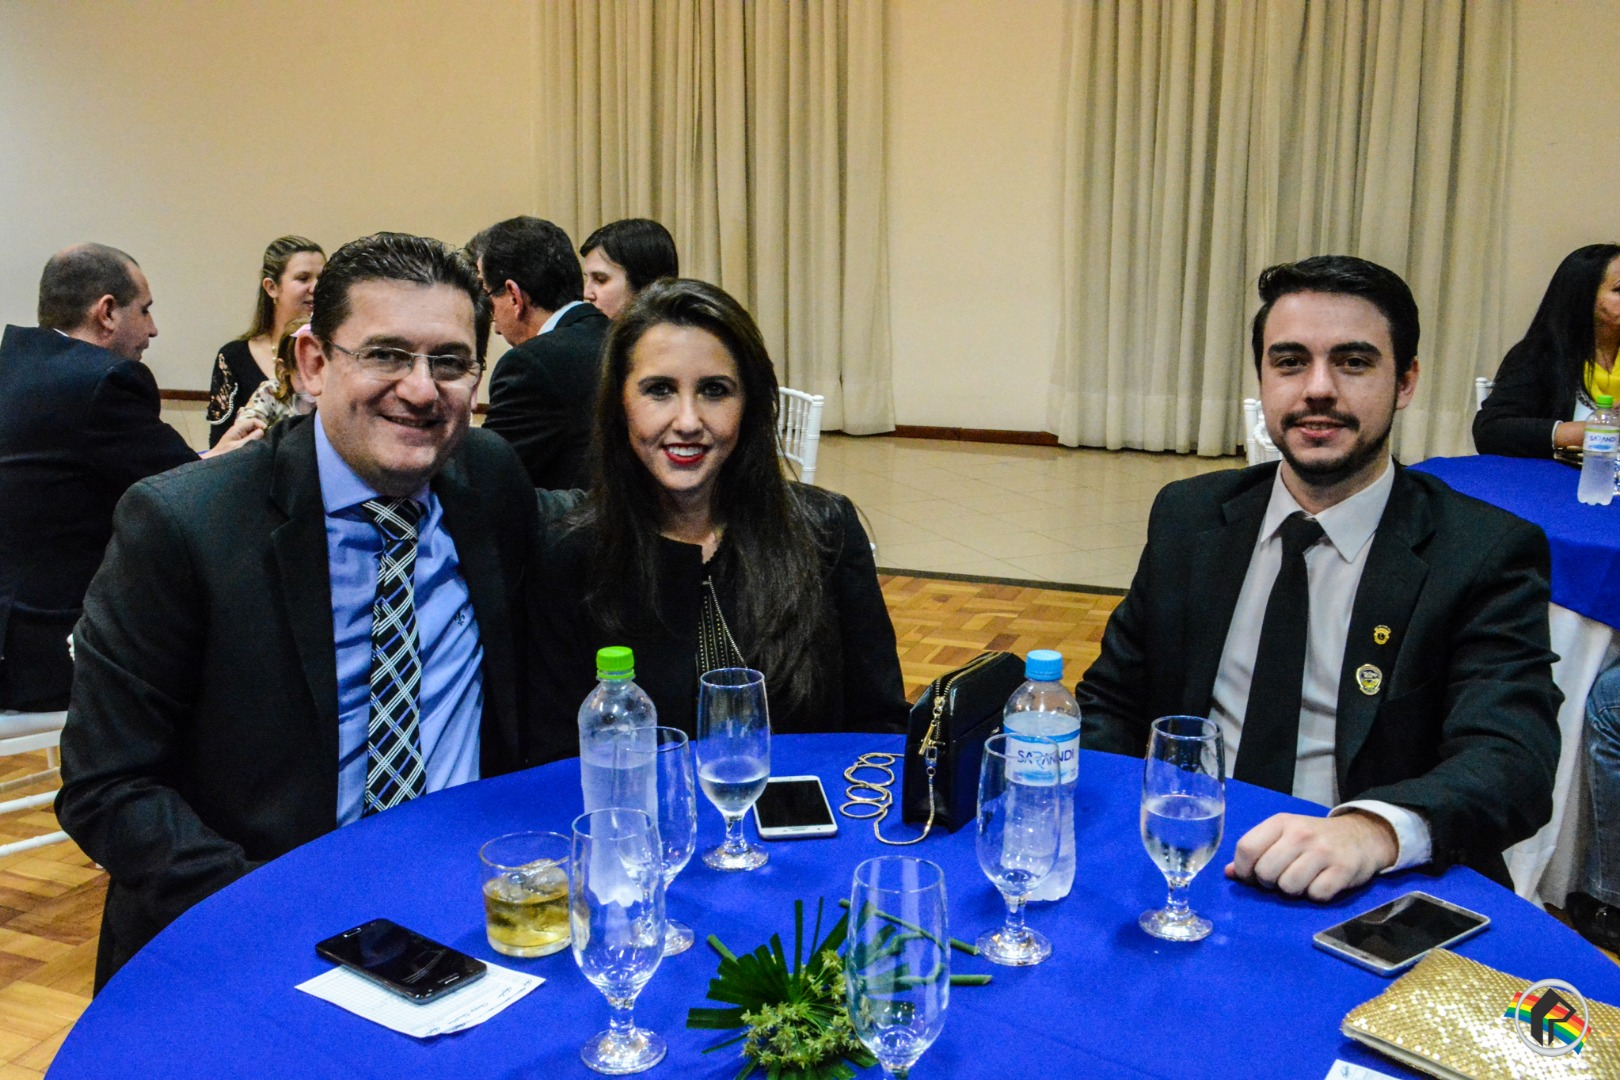 Lions Clube São Miguel do Oeste Universidade empossa nova diretoria